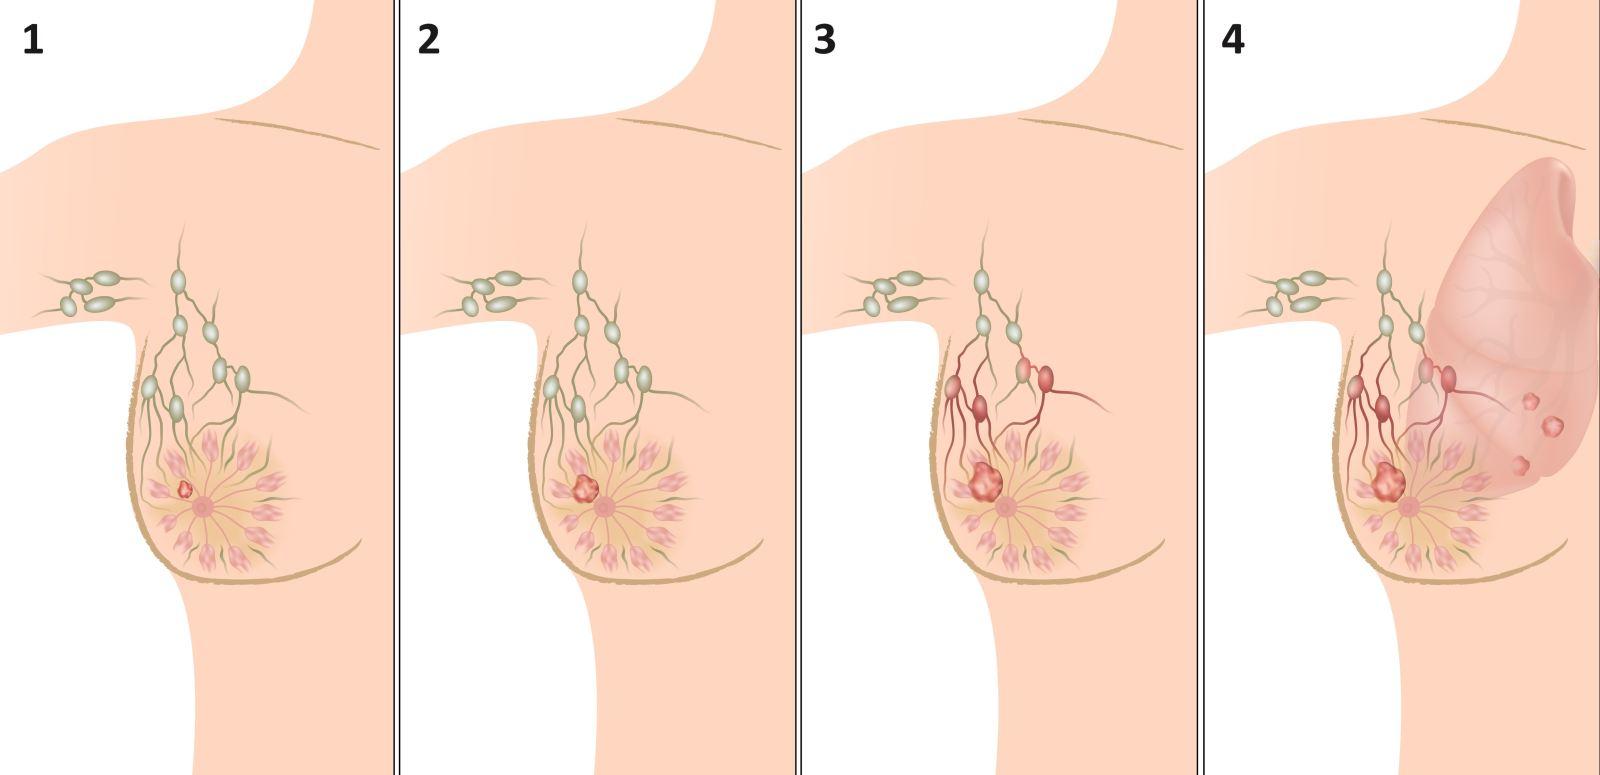 Инвазивный рак молочной железы: виды и особенности болезни